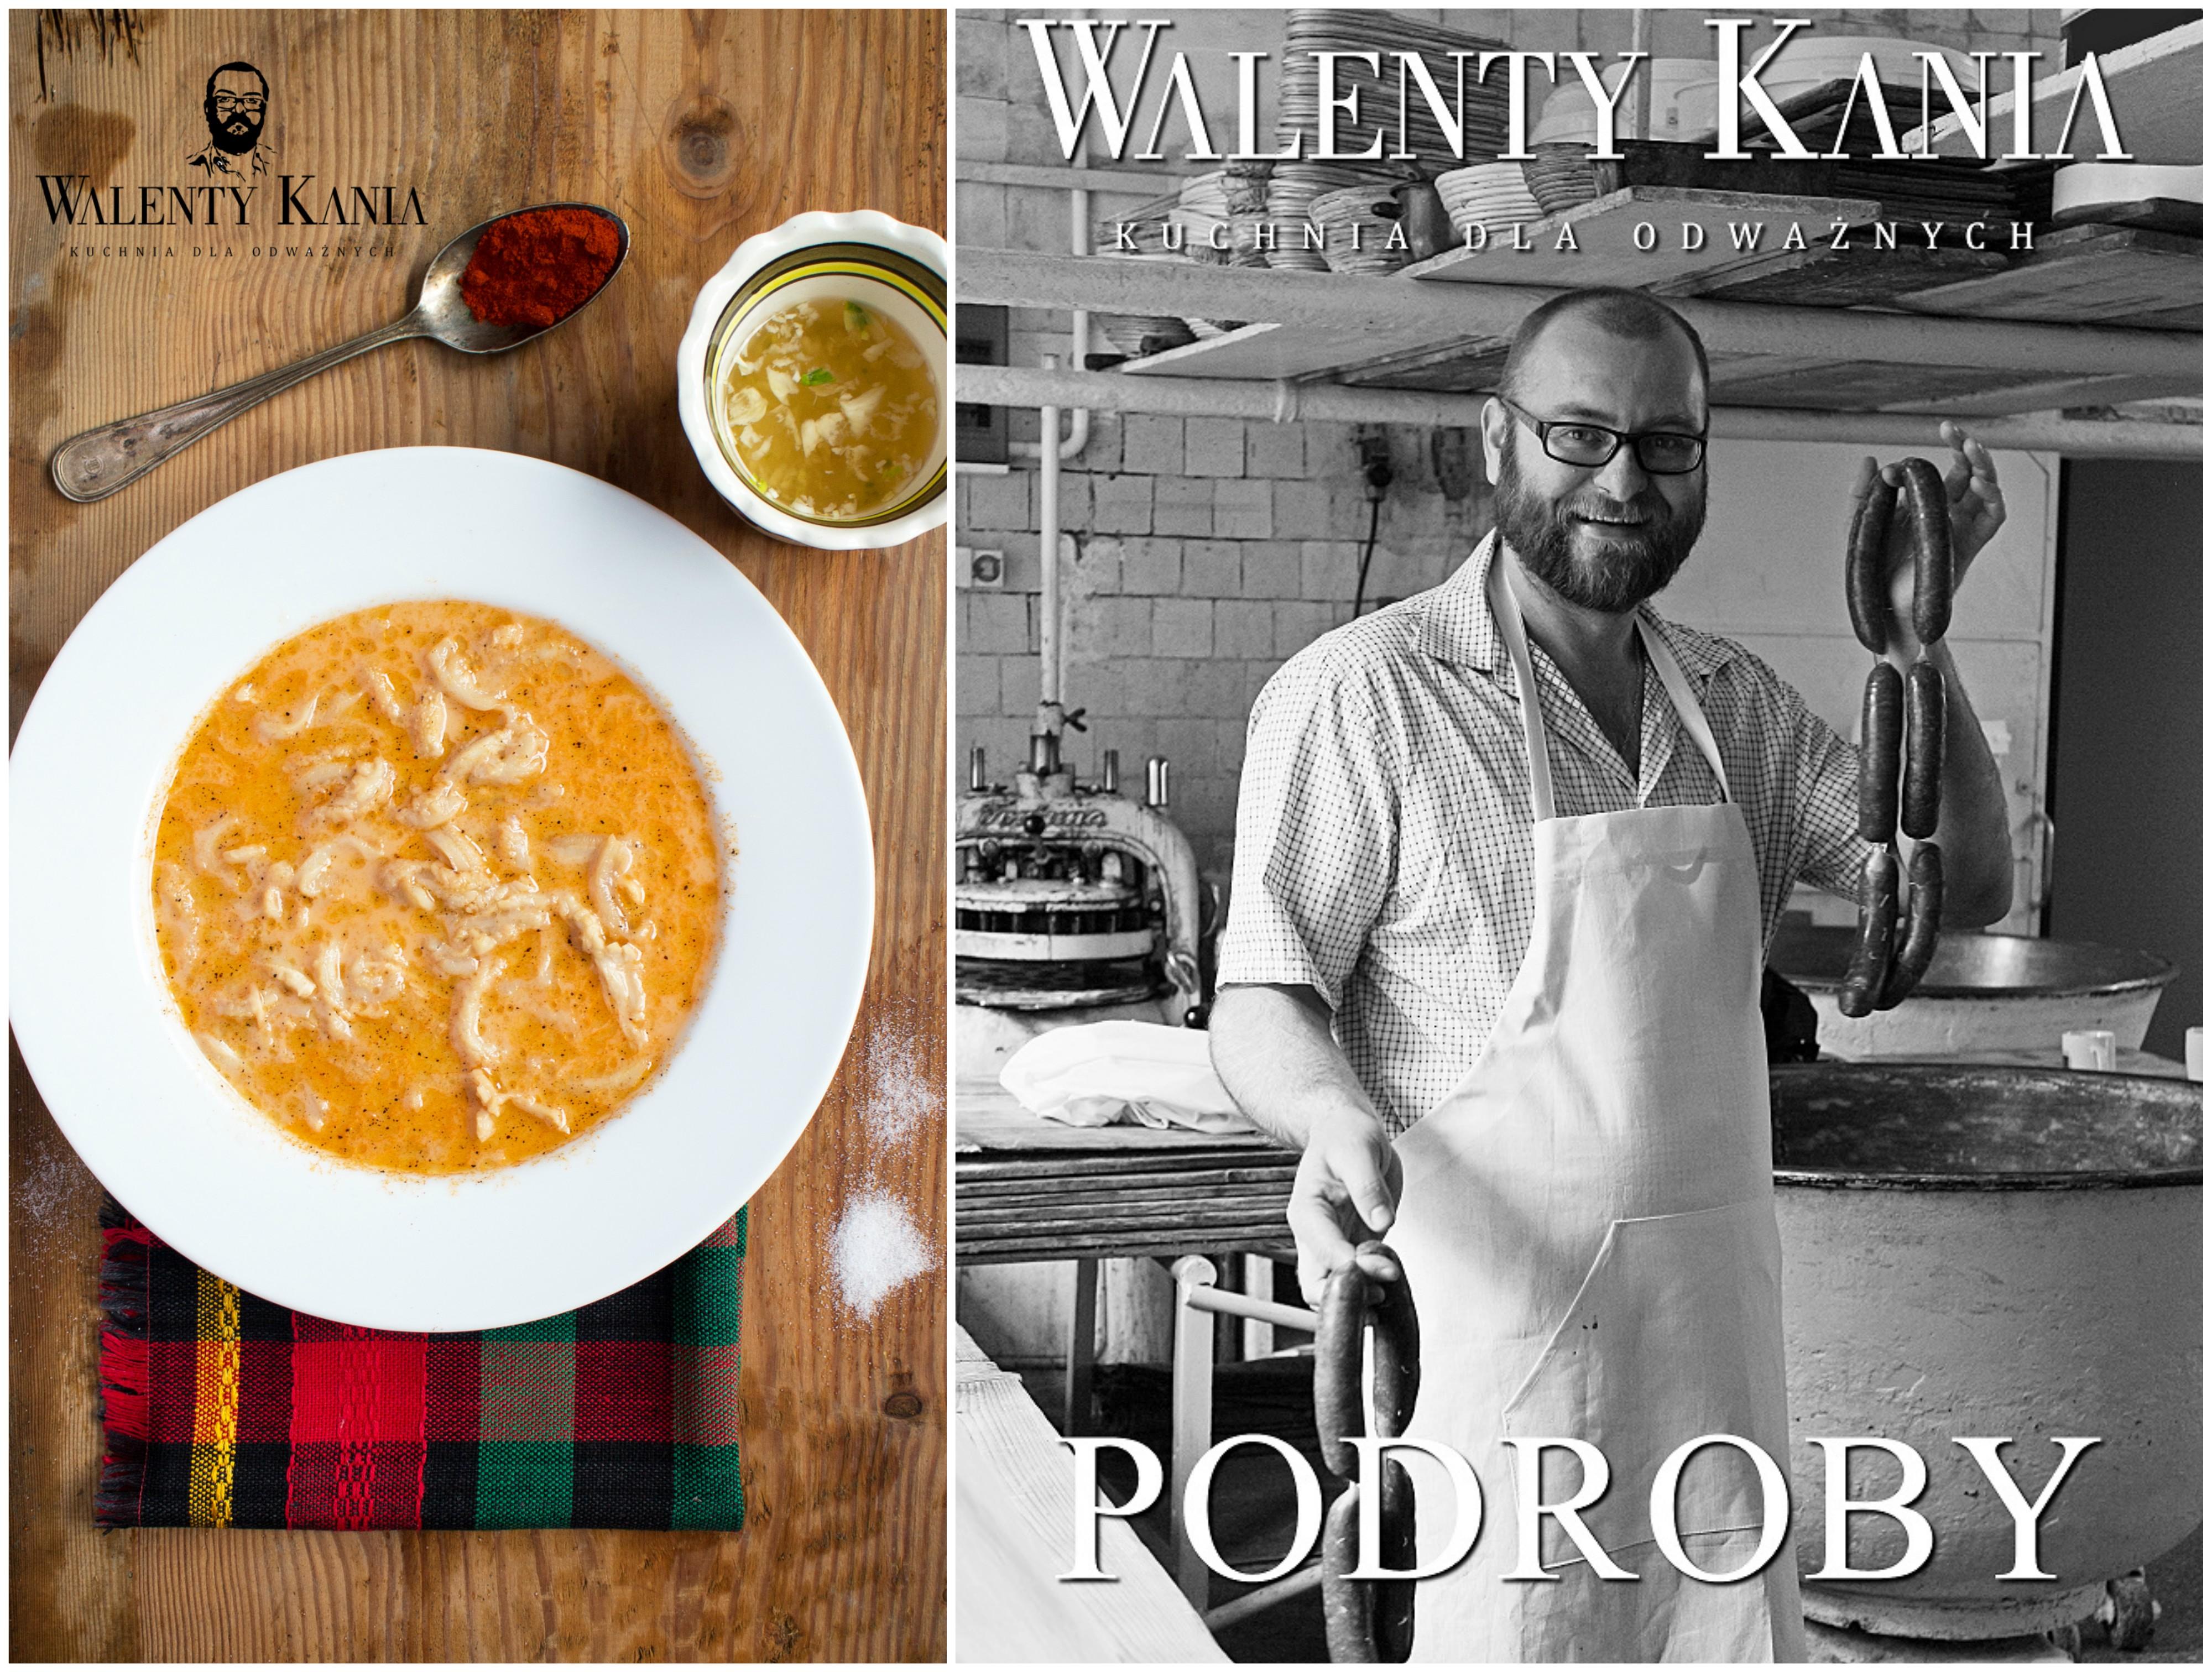 Po lewej flaki po bułgarsku według przepisu Walentego Kani. Po prawej okładka jednej z części 'Kuchni dla odważnych' (fot. archiwum prywatne)